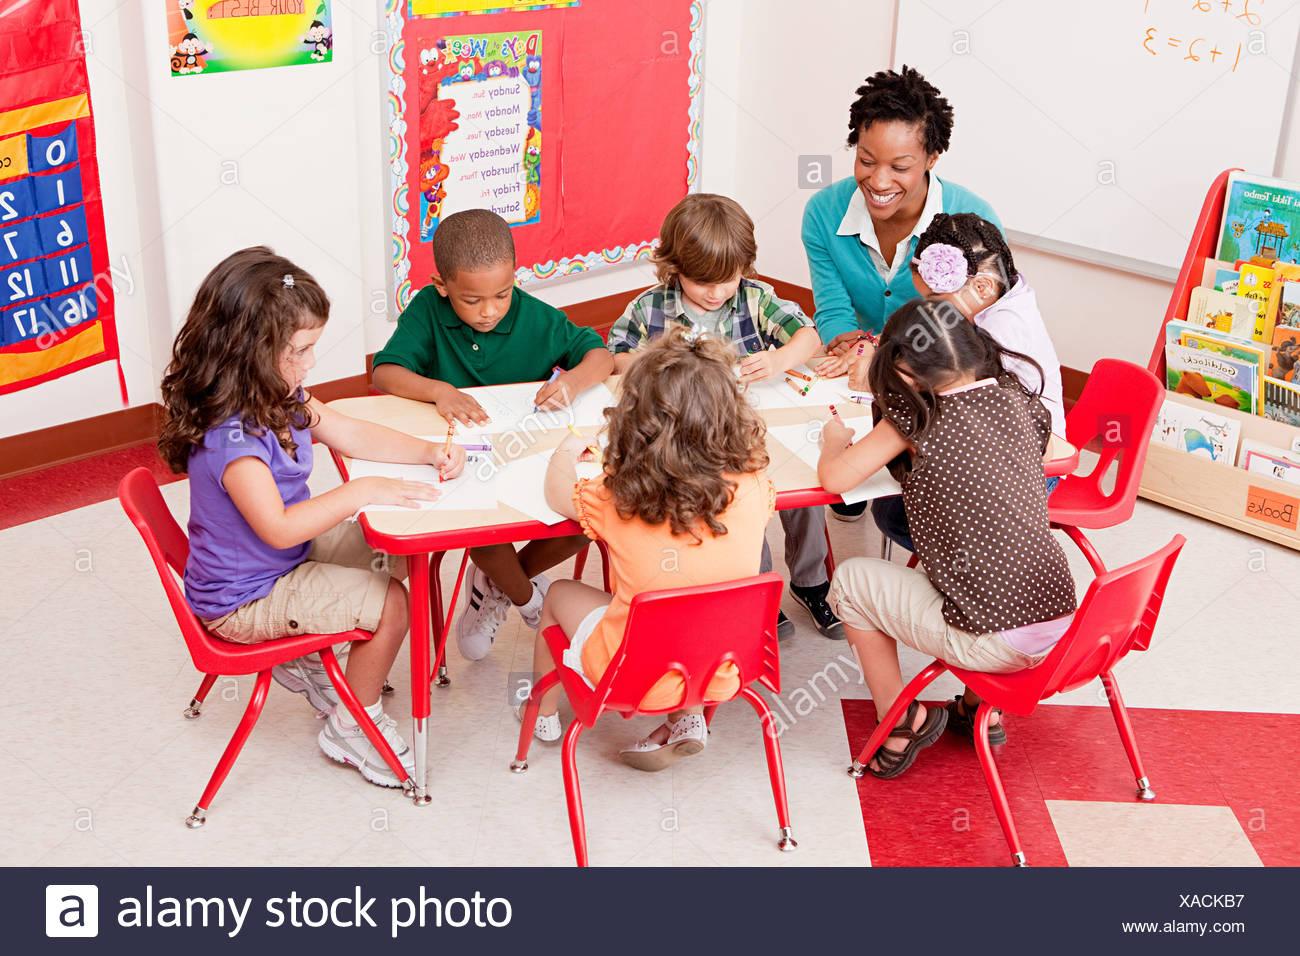 Teacher and children in school art class - Stock Image